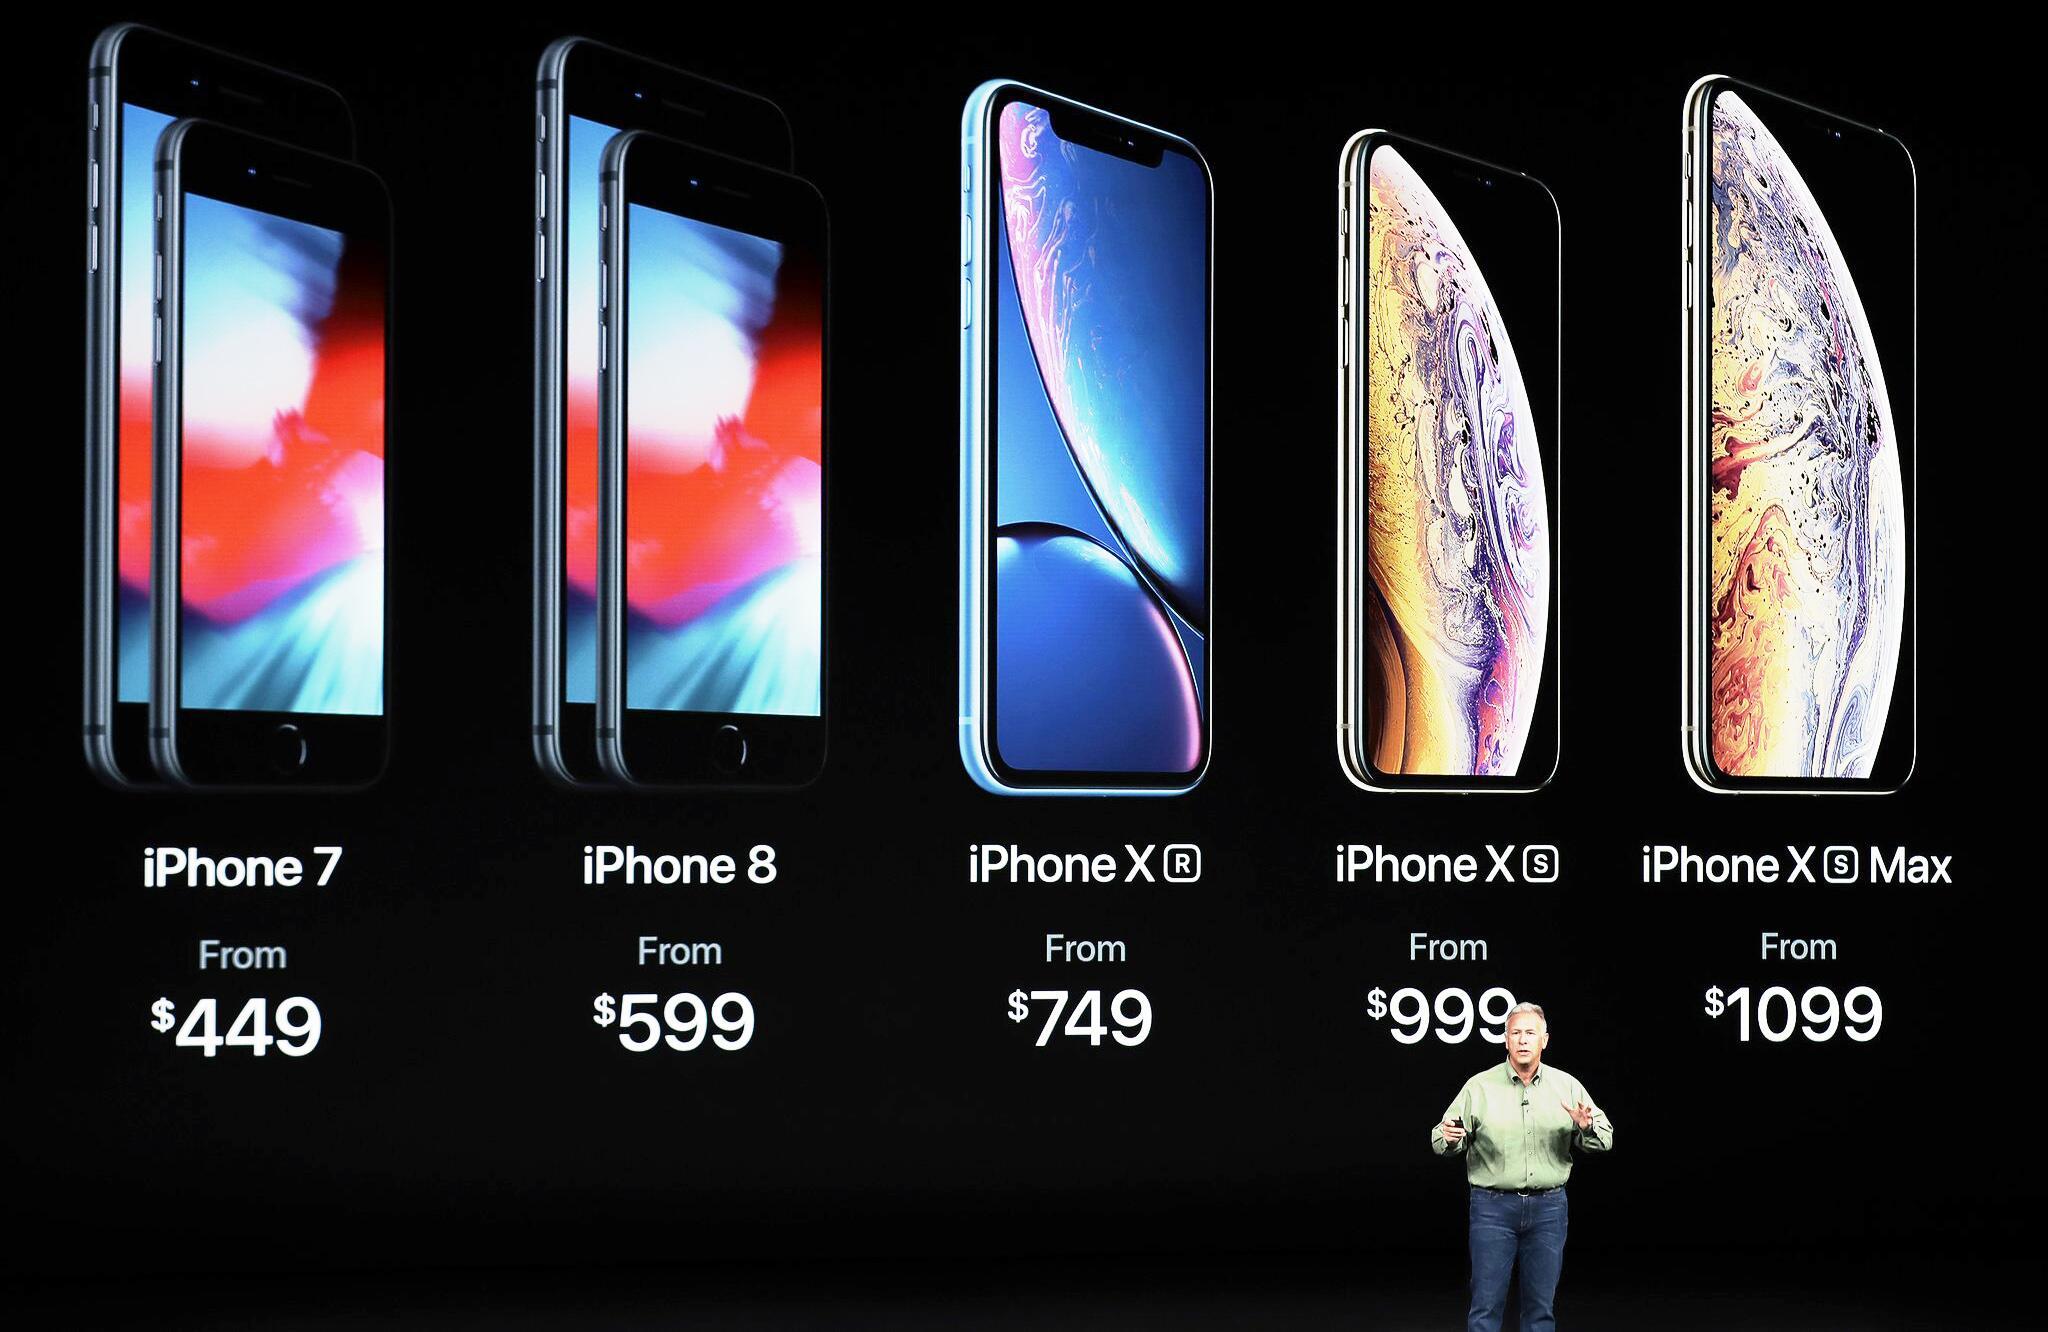 iphone xs apple setzt sich mit neuen iphones an die. Black Bedroom Furniture Sets. Home Design Ideas